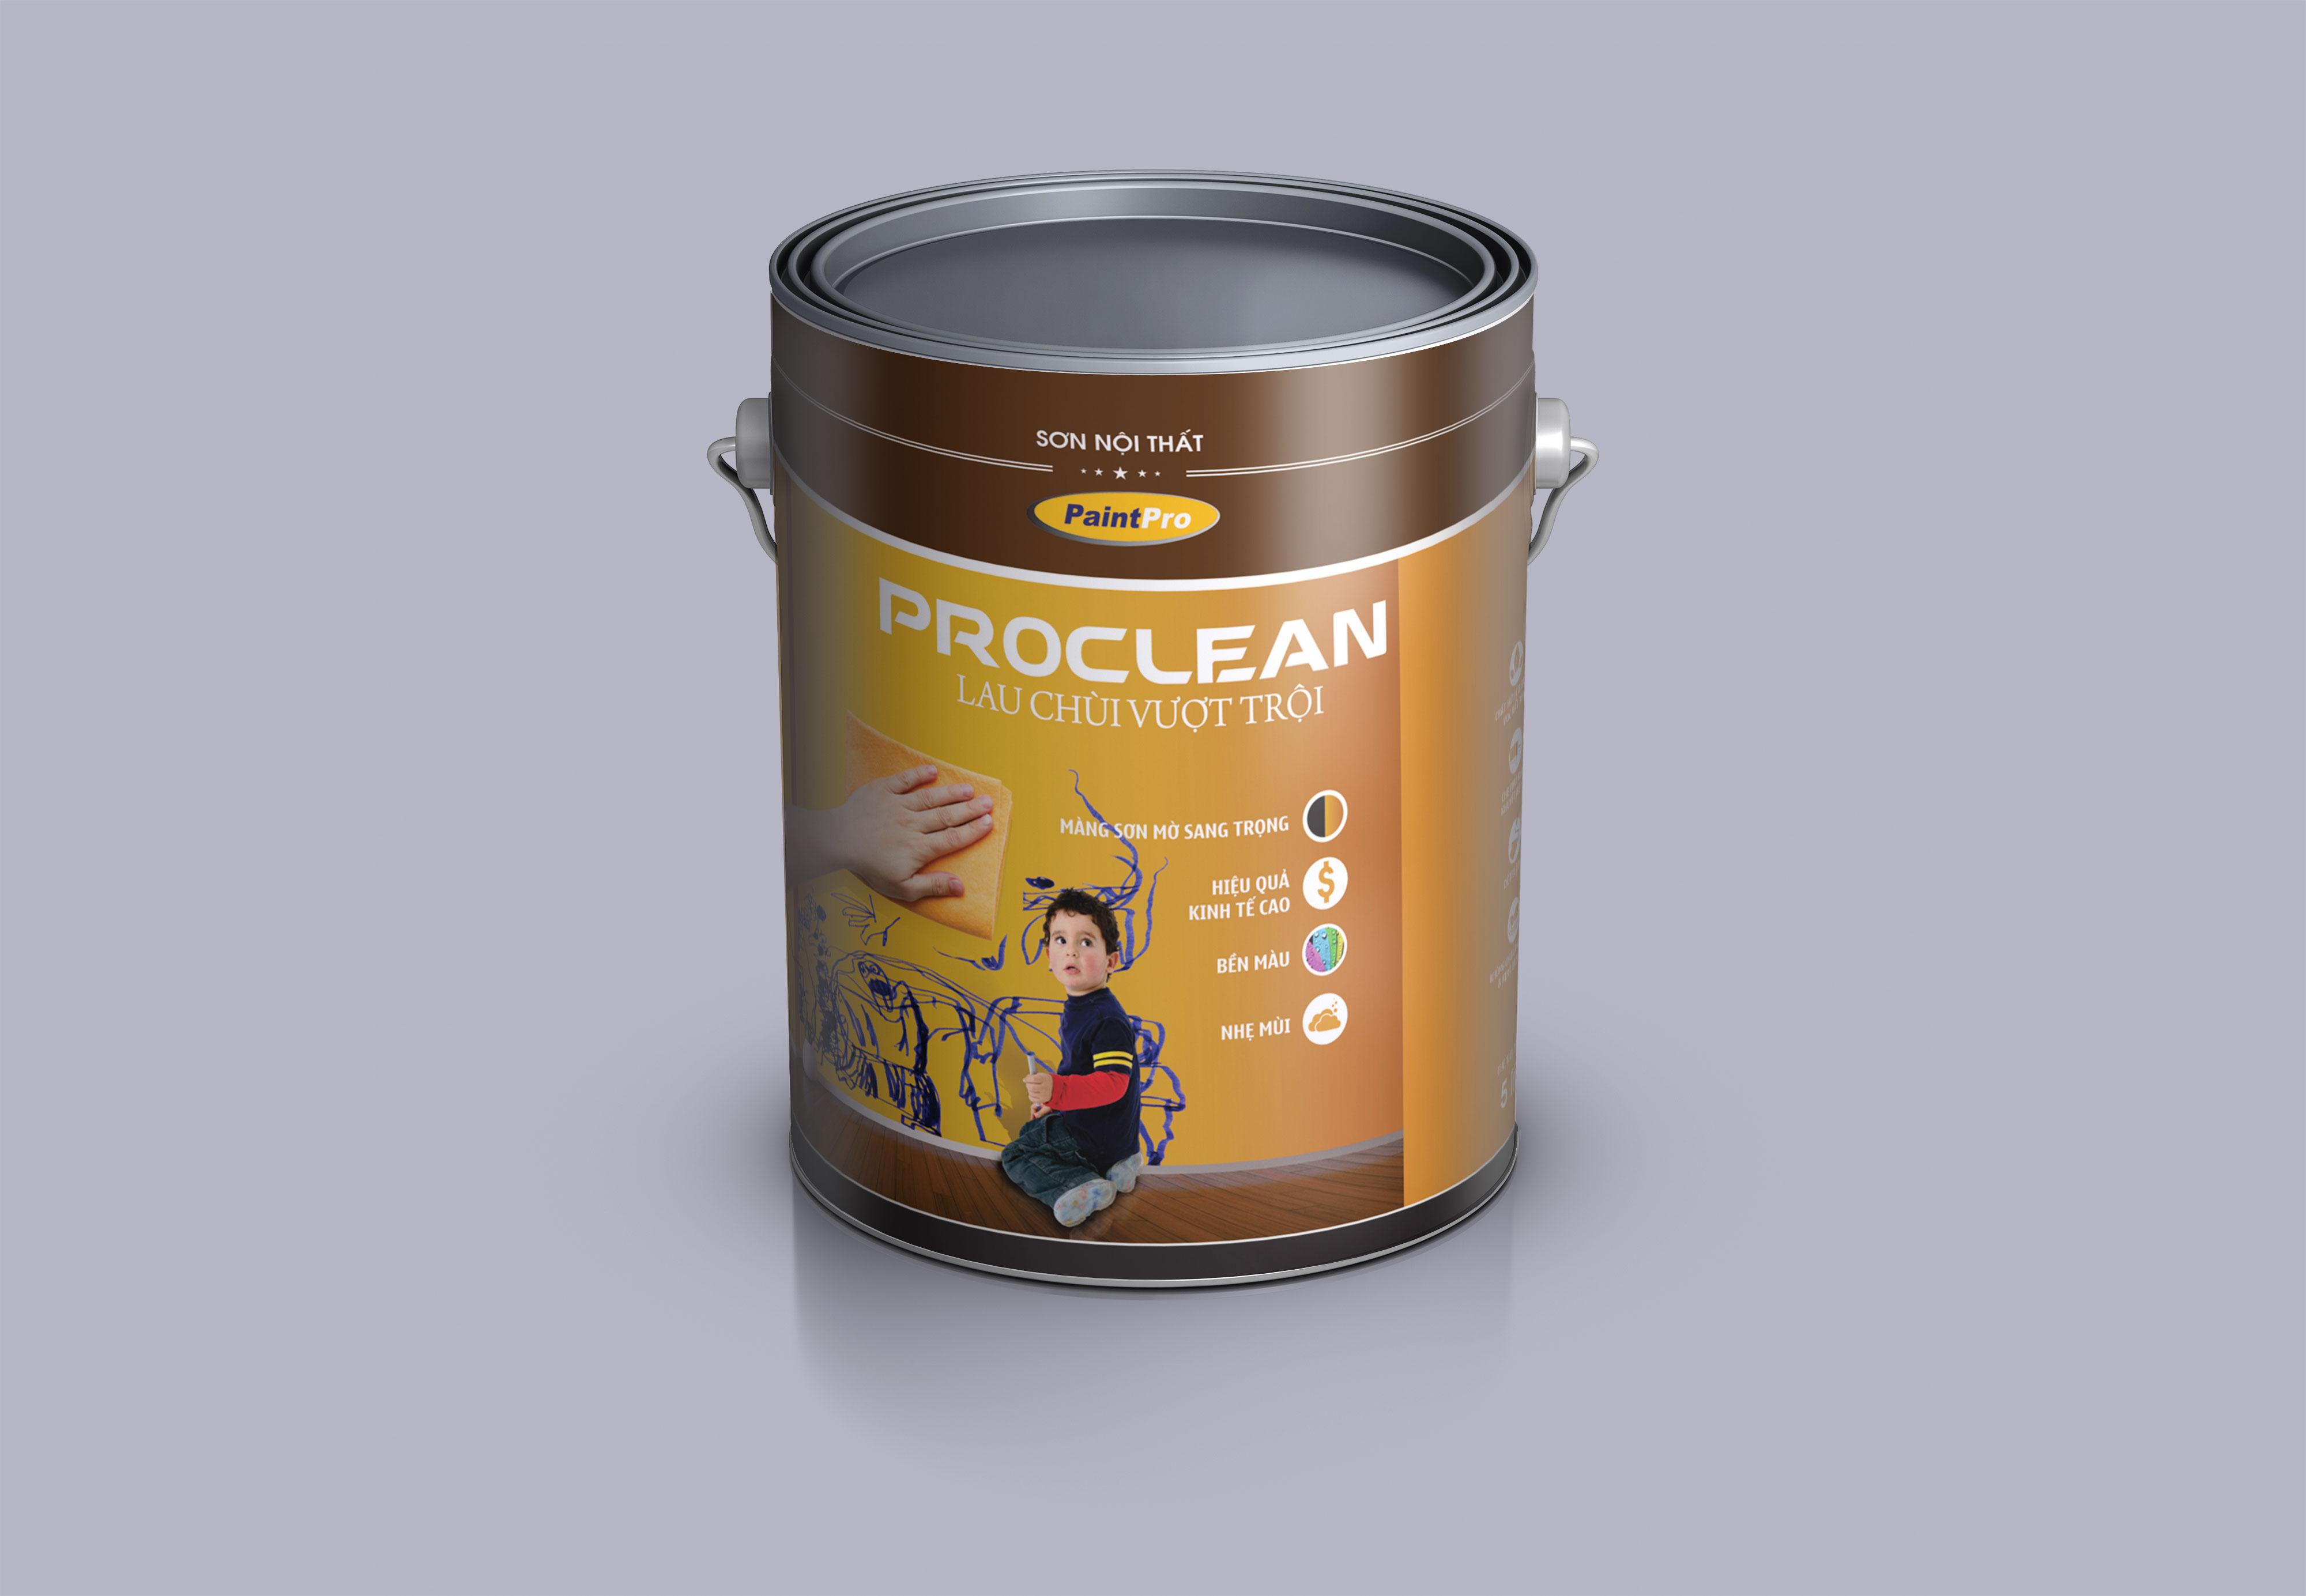 Thiết kế bao bì thùng sơn Công ty Cổ phần Giải pháp Sơn chuyên nghiệp PaintPro tại TP HCM